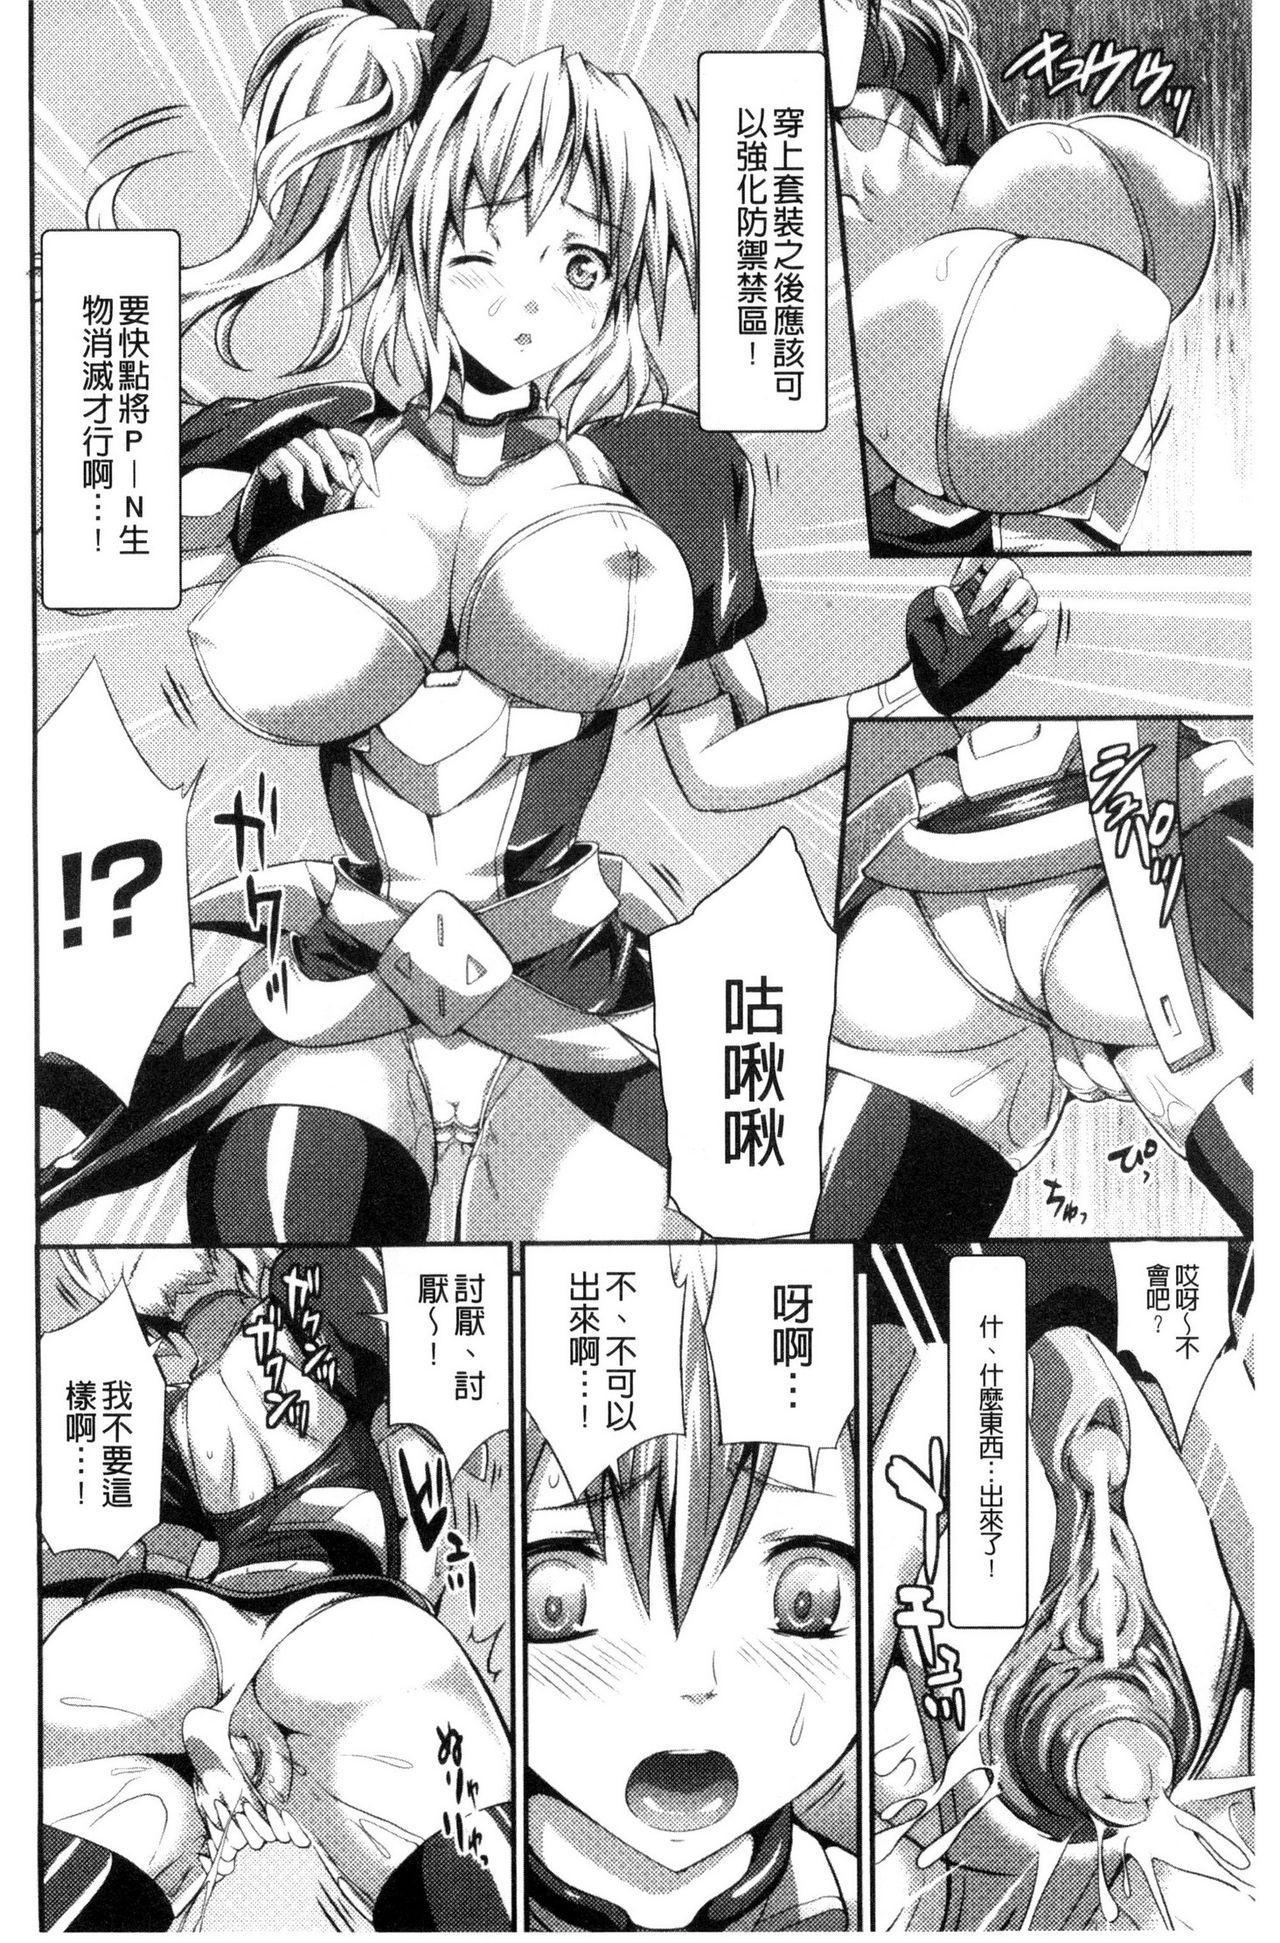 Busou Senki 12